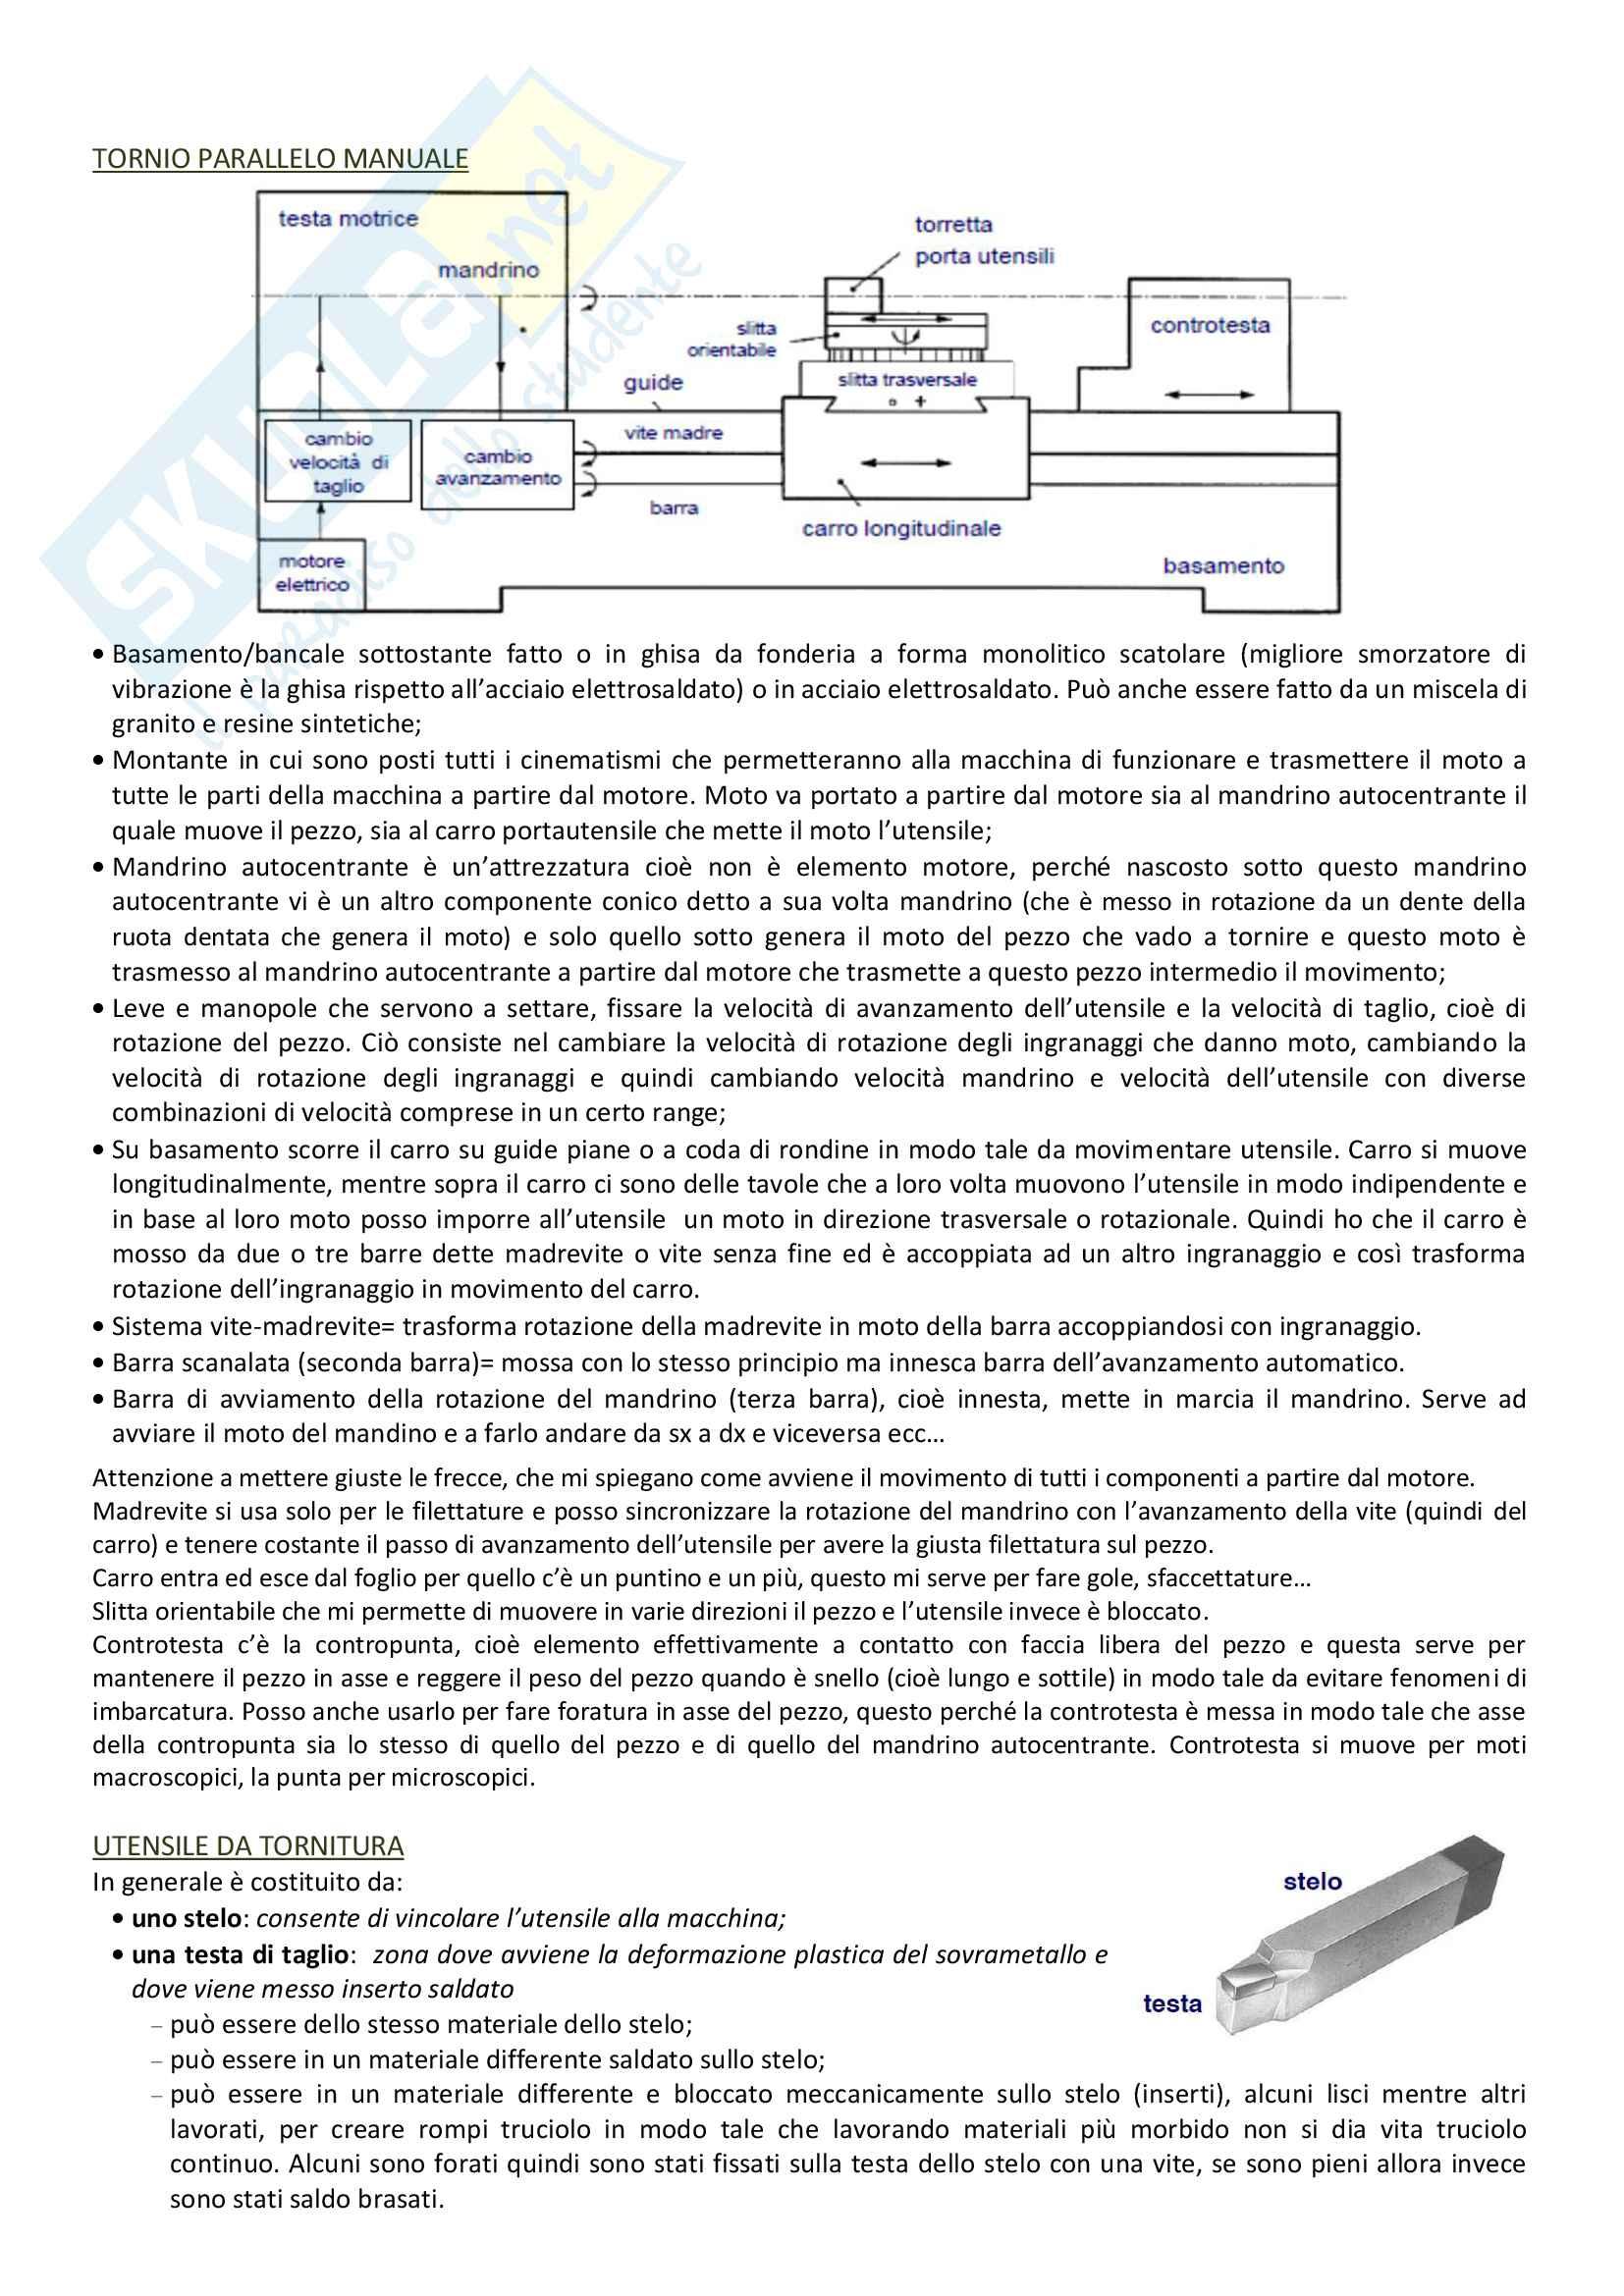 Lavorazioni per asportazione di truciolo, tornitura, fresatura, foratura: Appunti Tecnologie generali Pag. 6